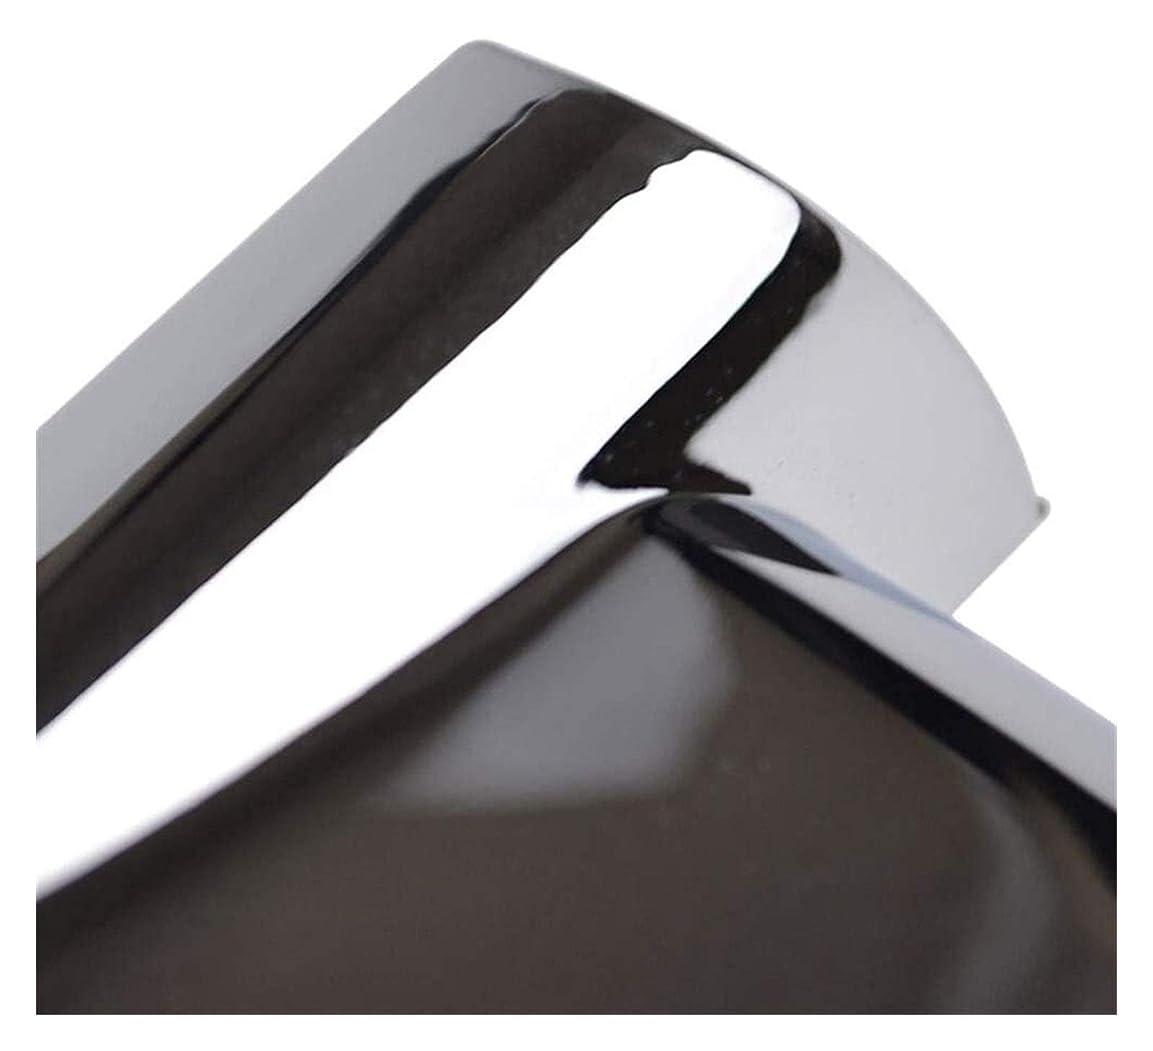 もろい探す勤勉な調節可能なバックミラーは、ダッジ?ジャーニーフィアットフリーモント2009から2018 2010 2011 2012 2013交換用カバーのためのウイングミラーキャップカバー 1021